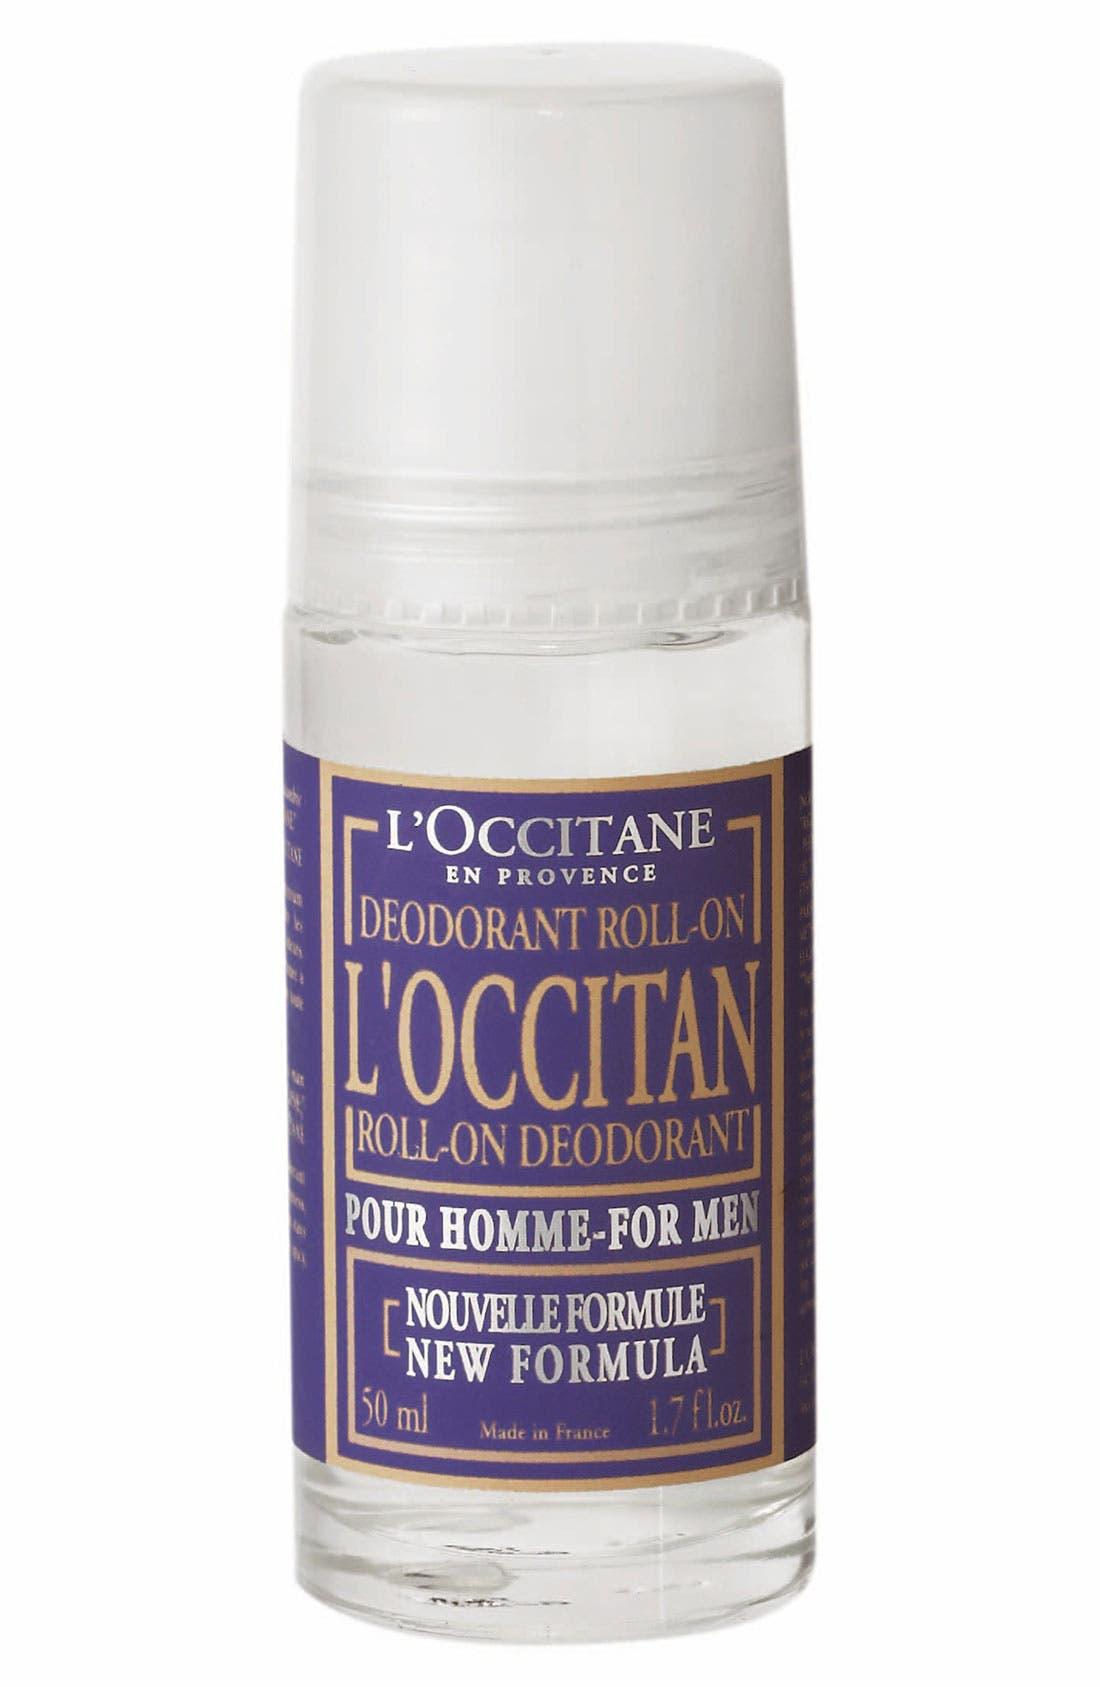 L'Occitane 'L'Occitan' Roll-On Deodorant